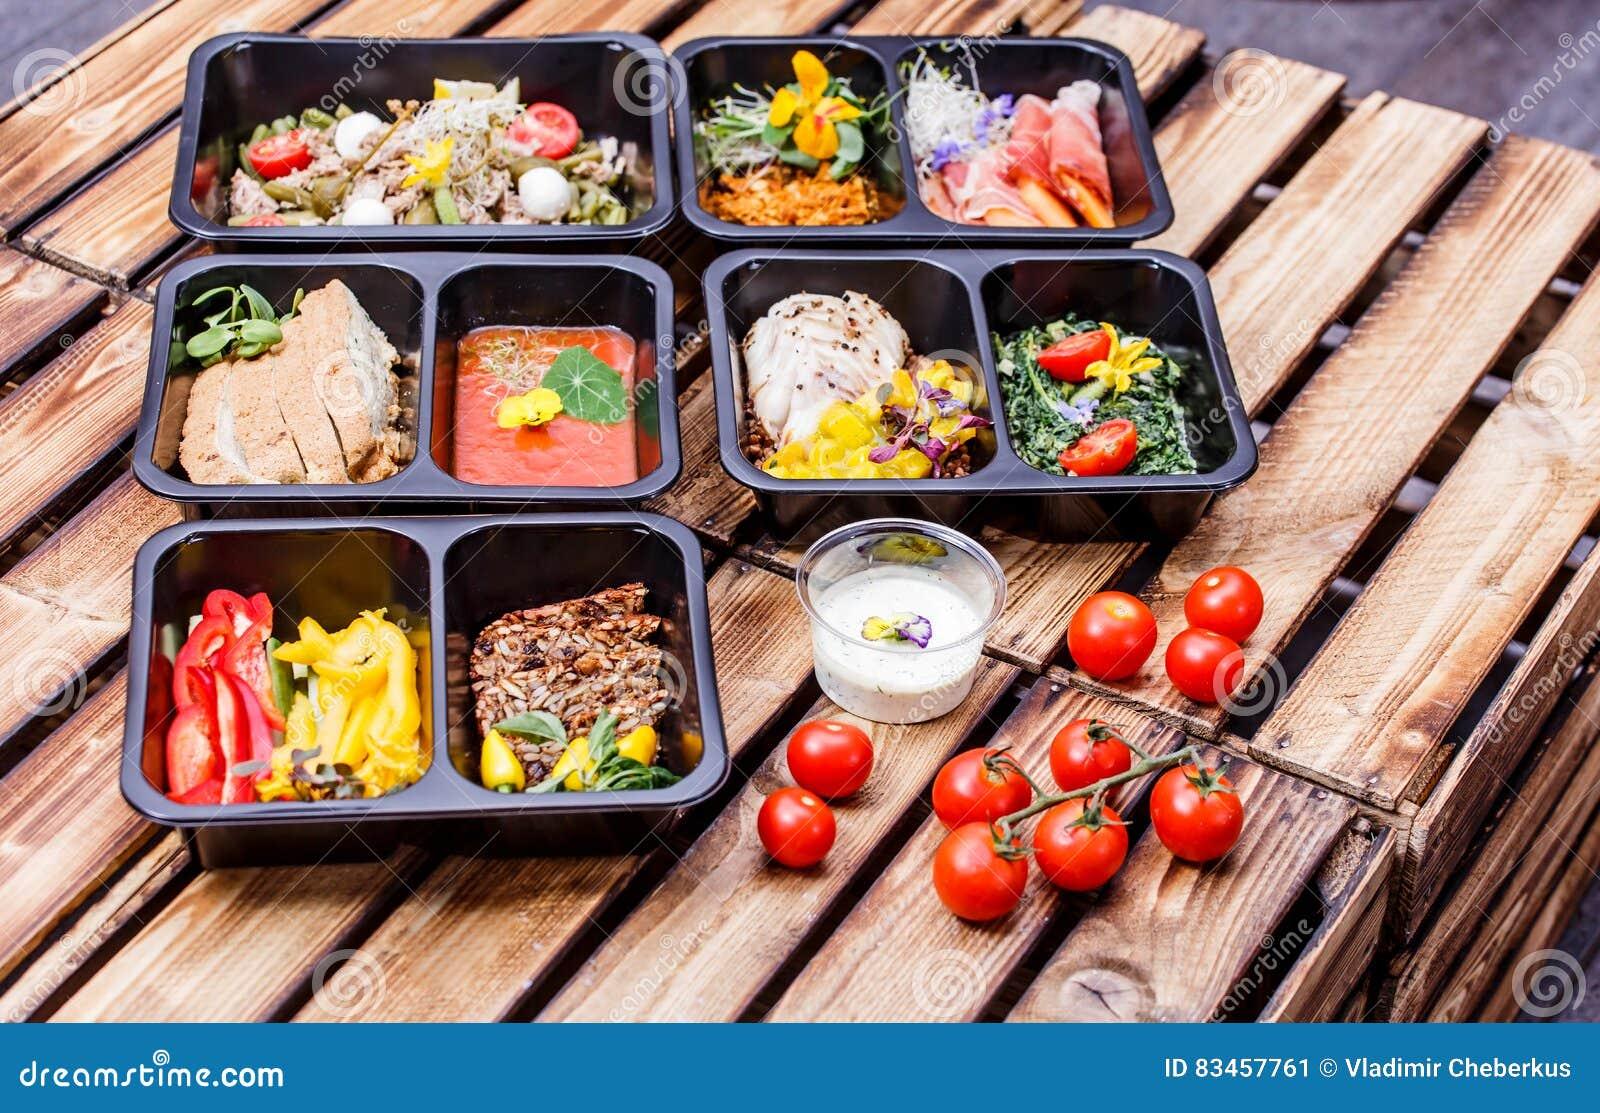 здоровая еда вкусные рецепты